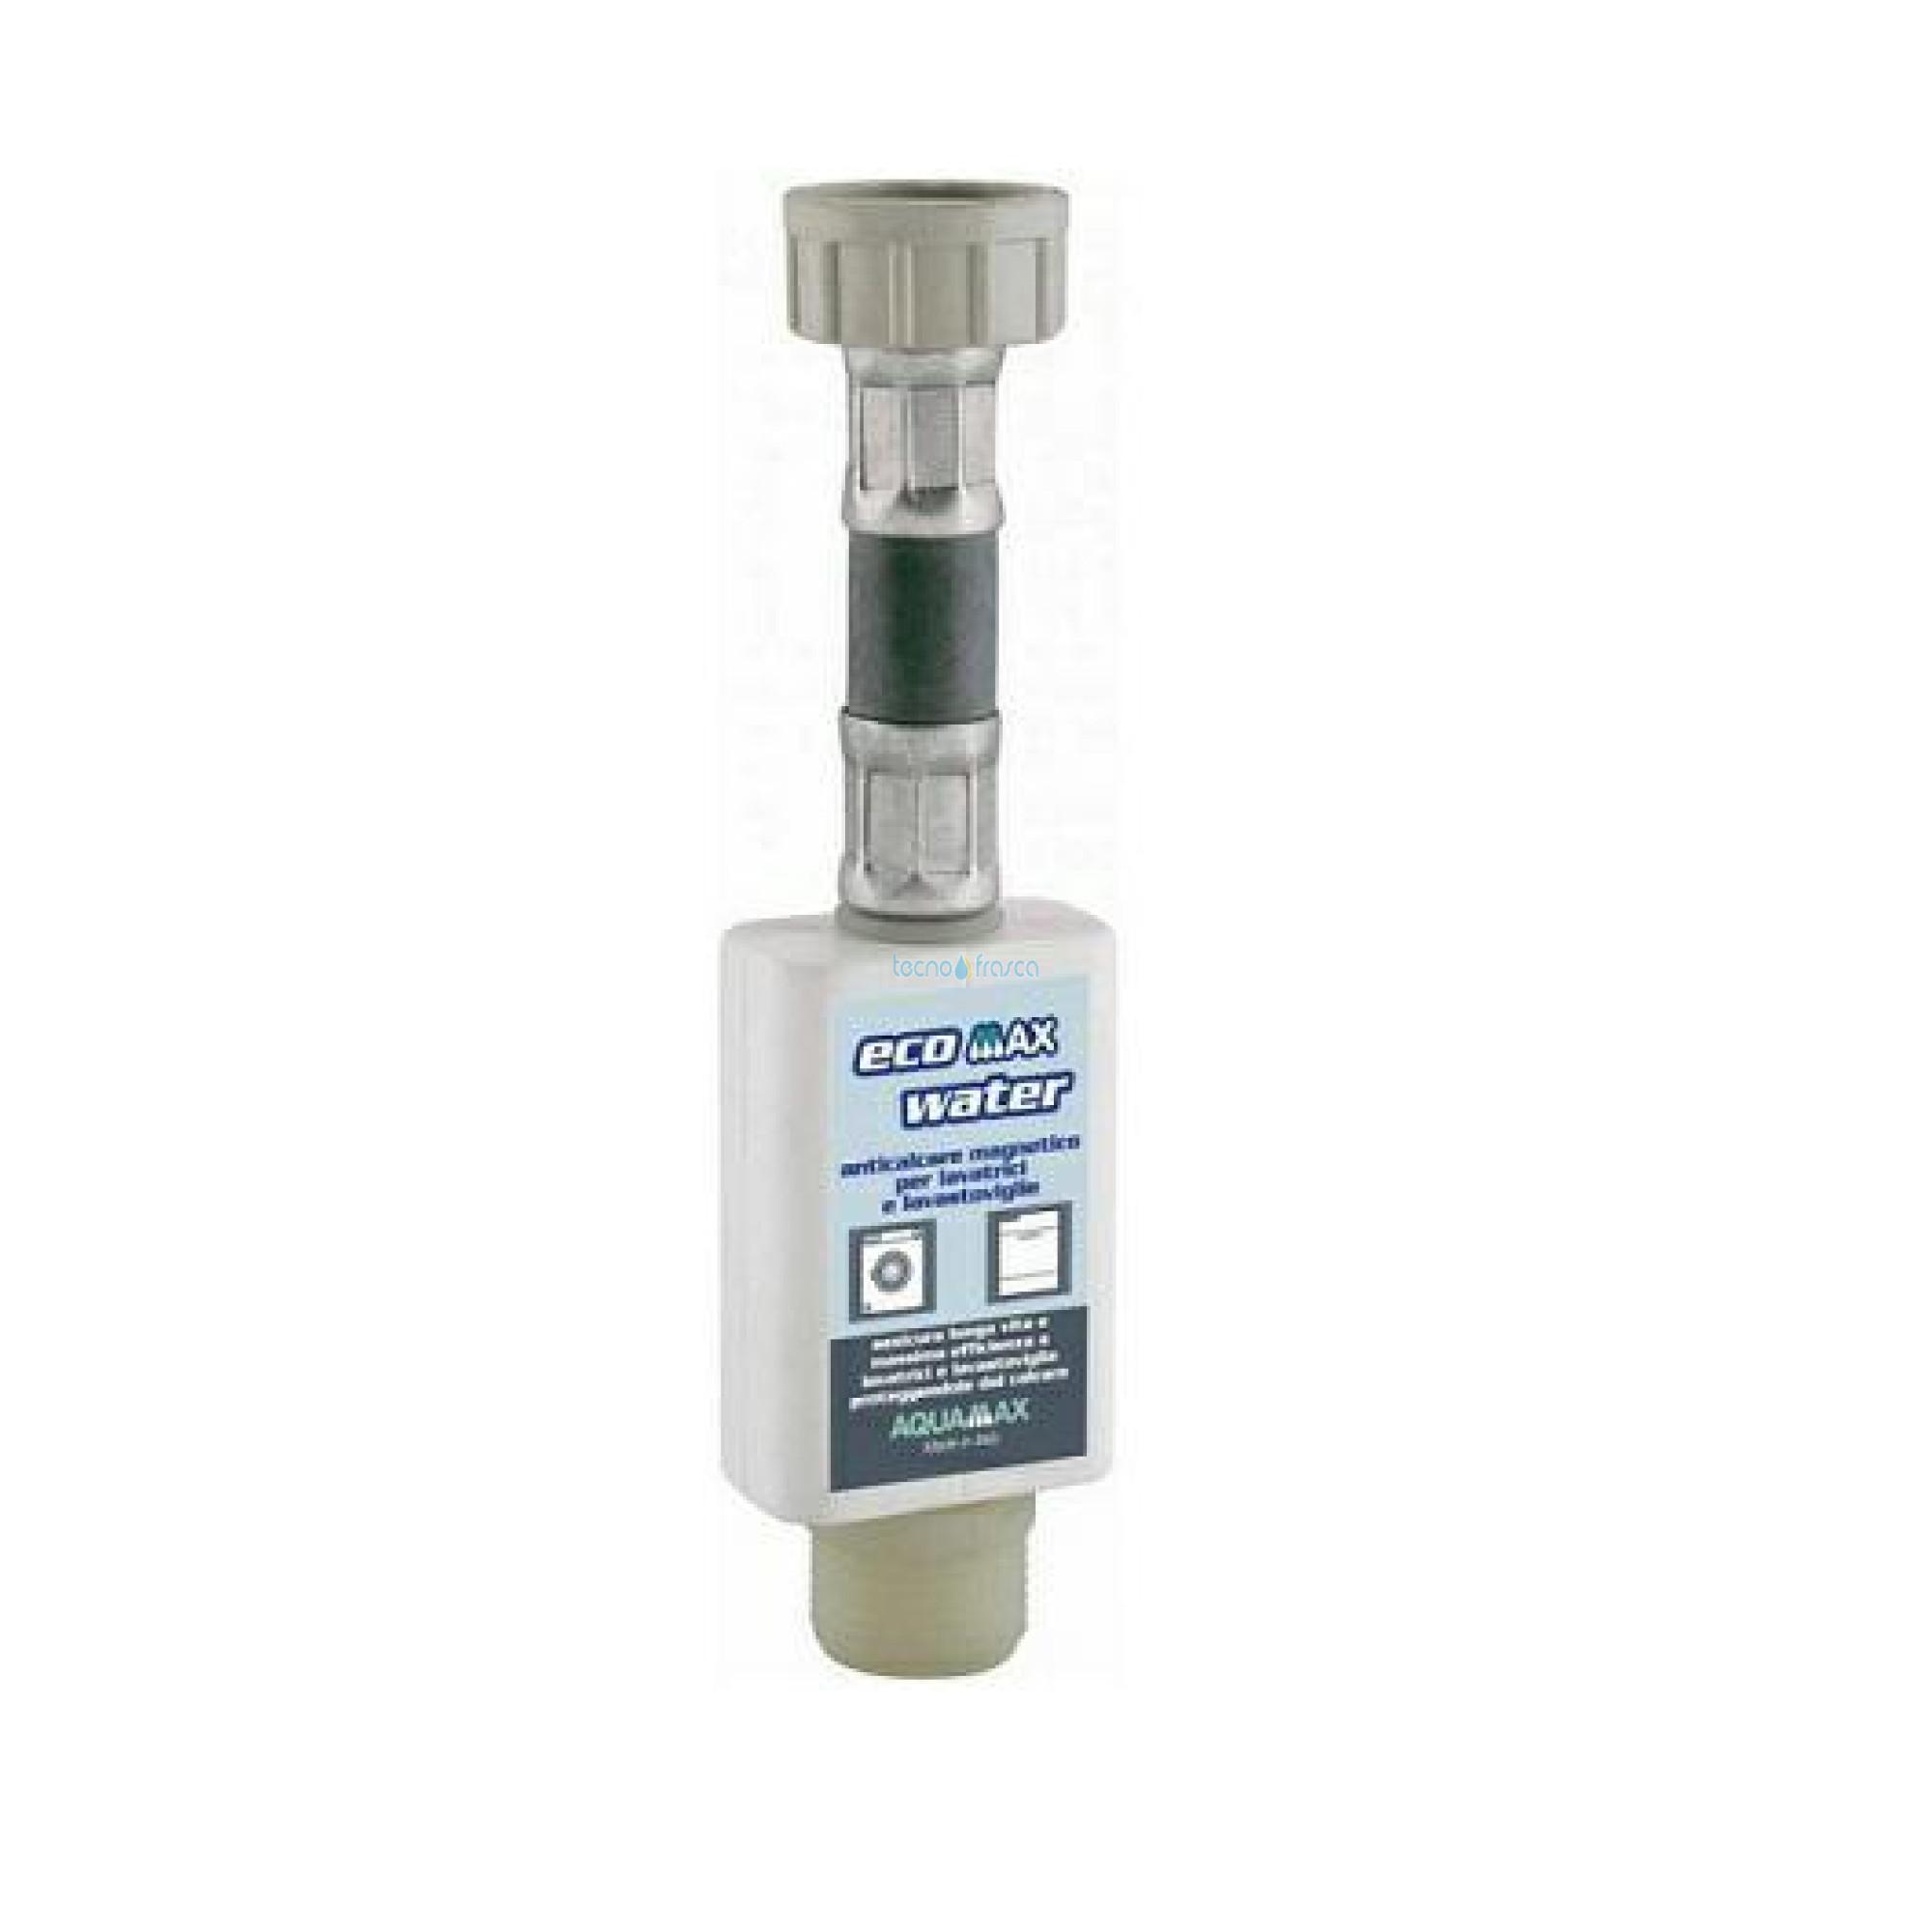 Anticalcare magnetico per lavatrici e lavastoviglie ecomax water